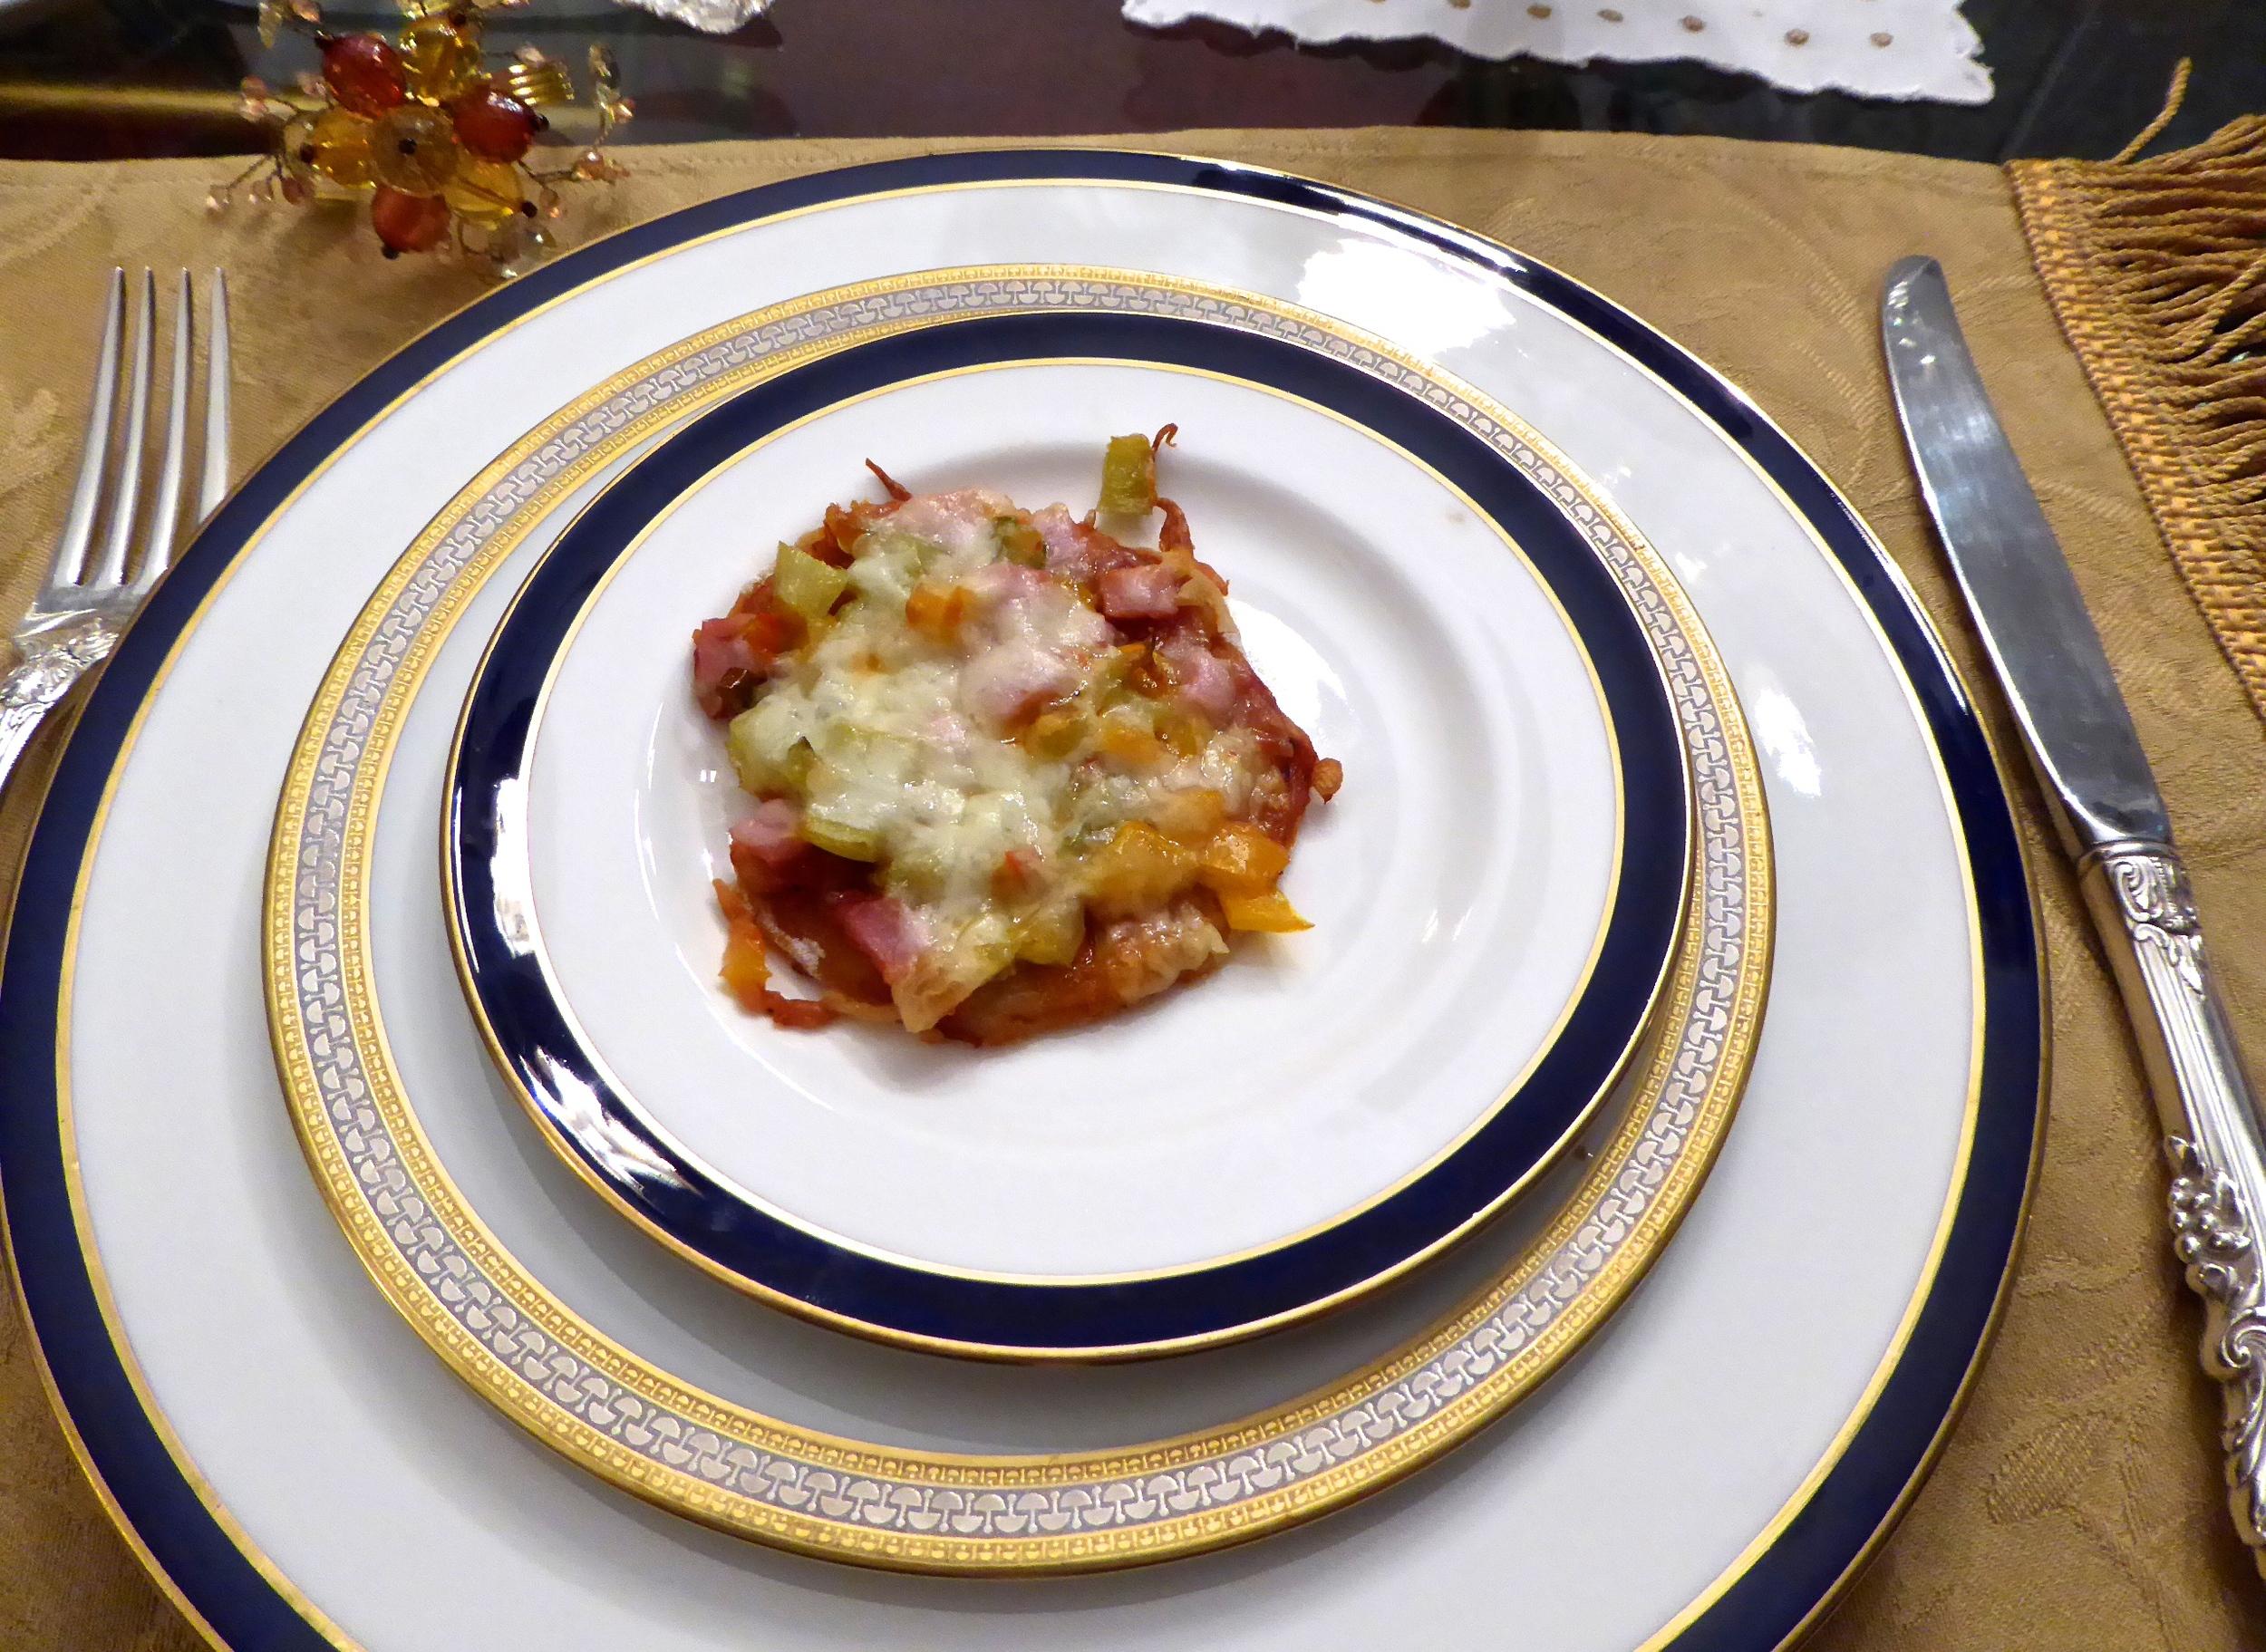 Mini Pizza - YUM